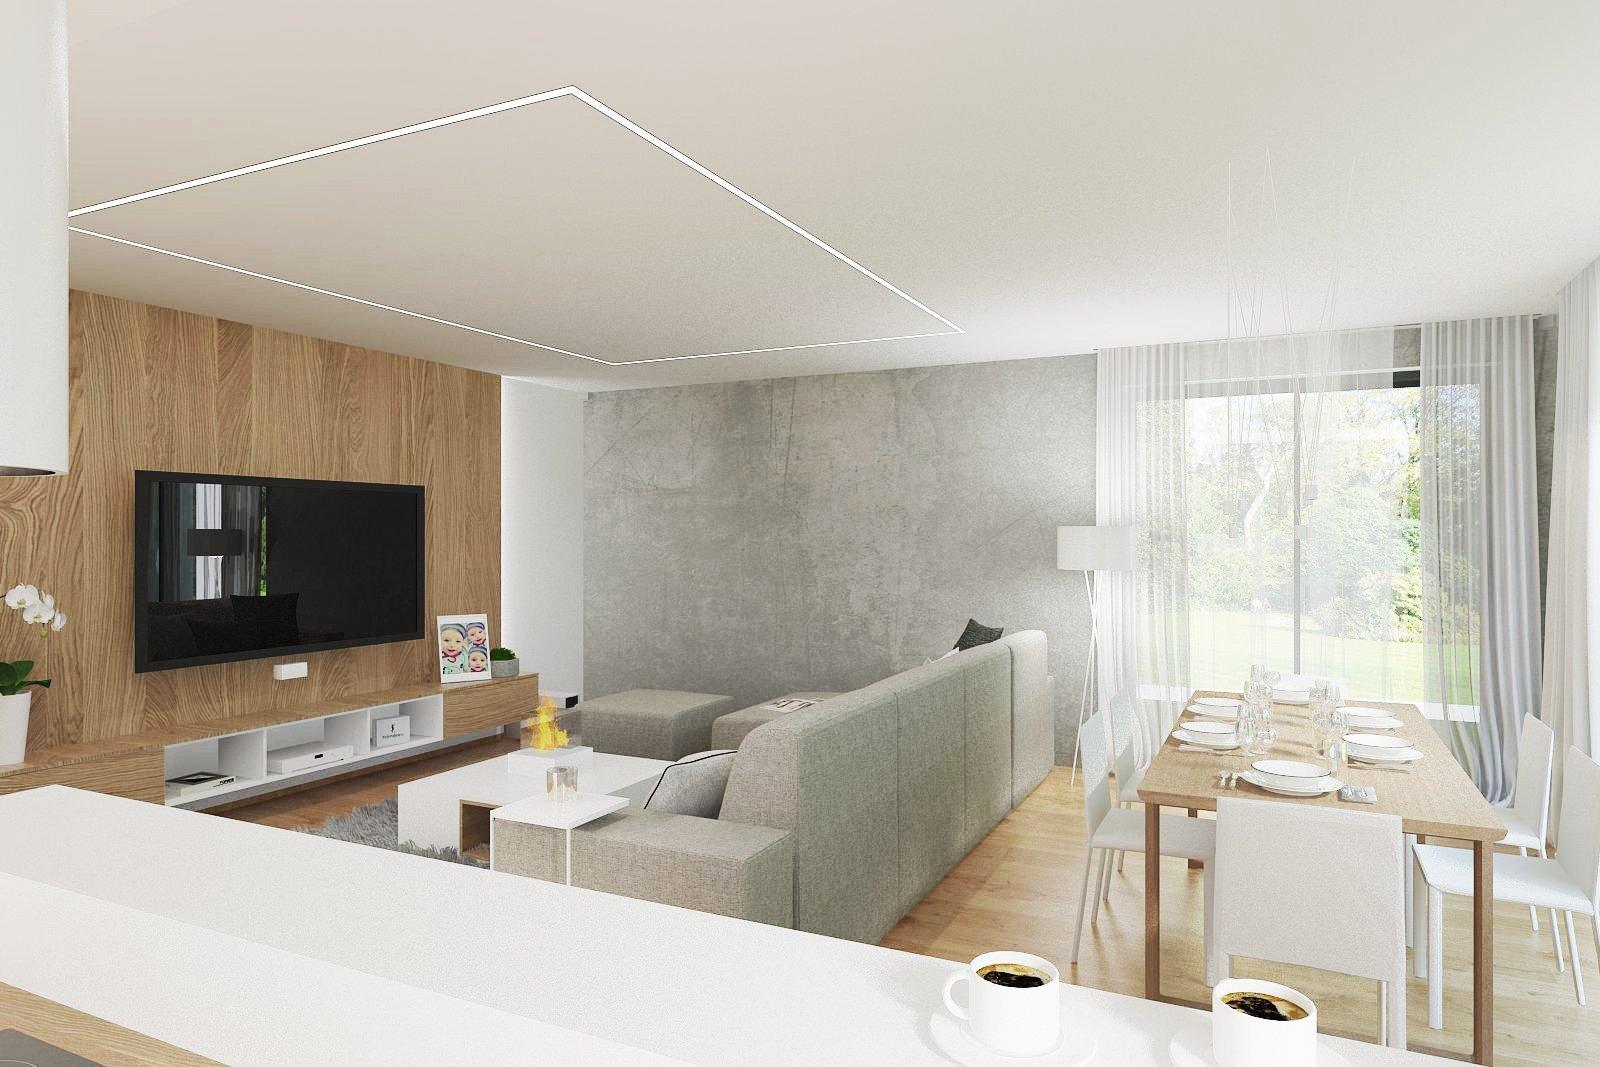 Interier obývacího pokoje v Rd Brusné vychází z barevnosti dubového dřeva, ke kterému je nakombinována šedá a bílá barva. Budoucí majitelé si mohou interier…